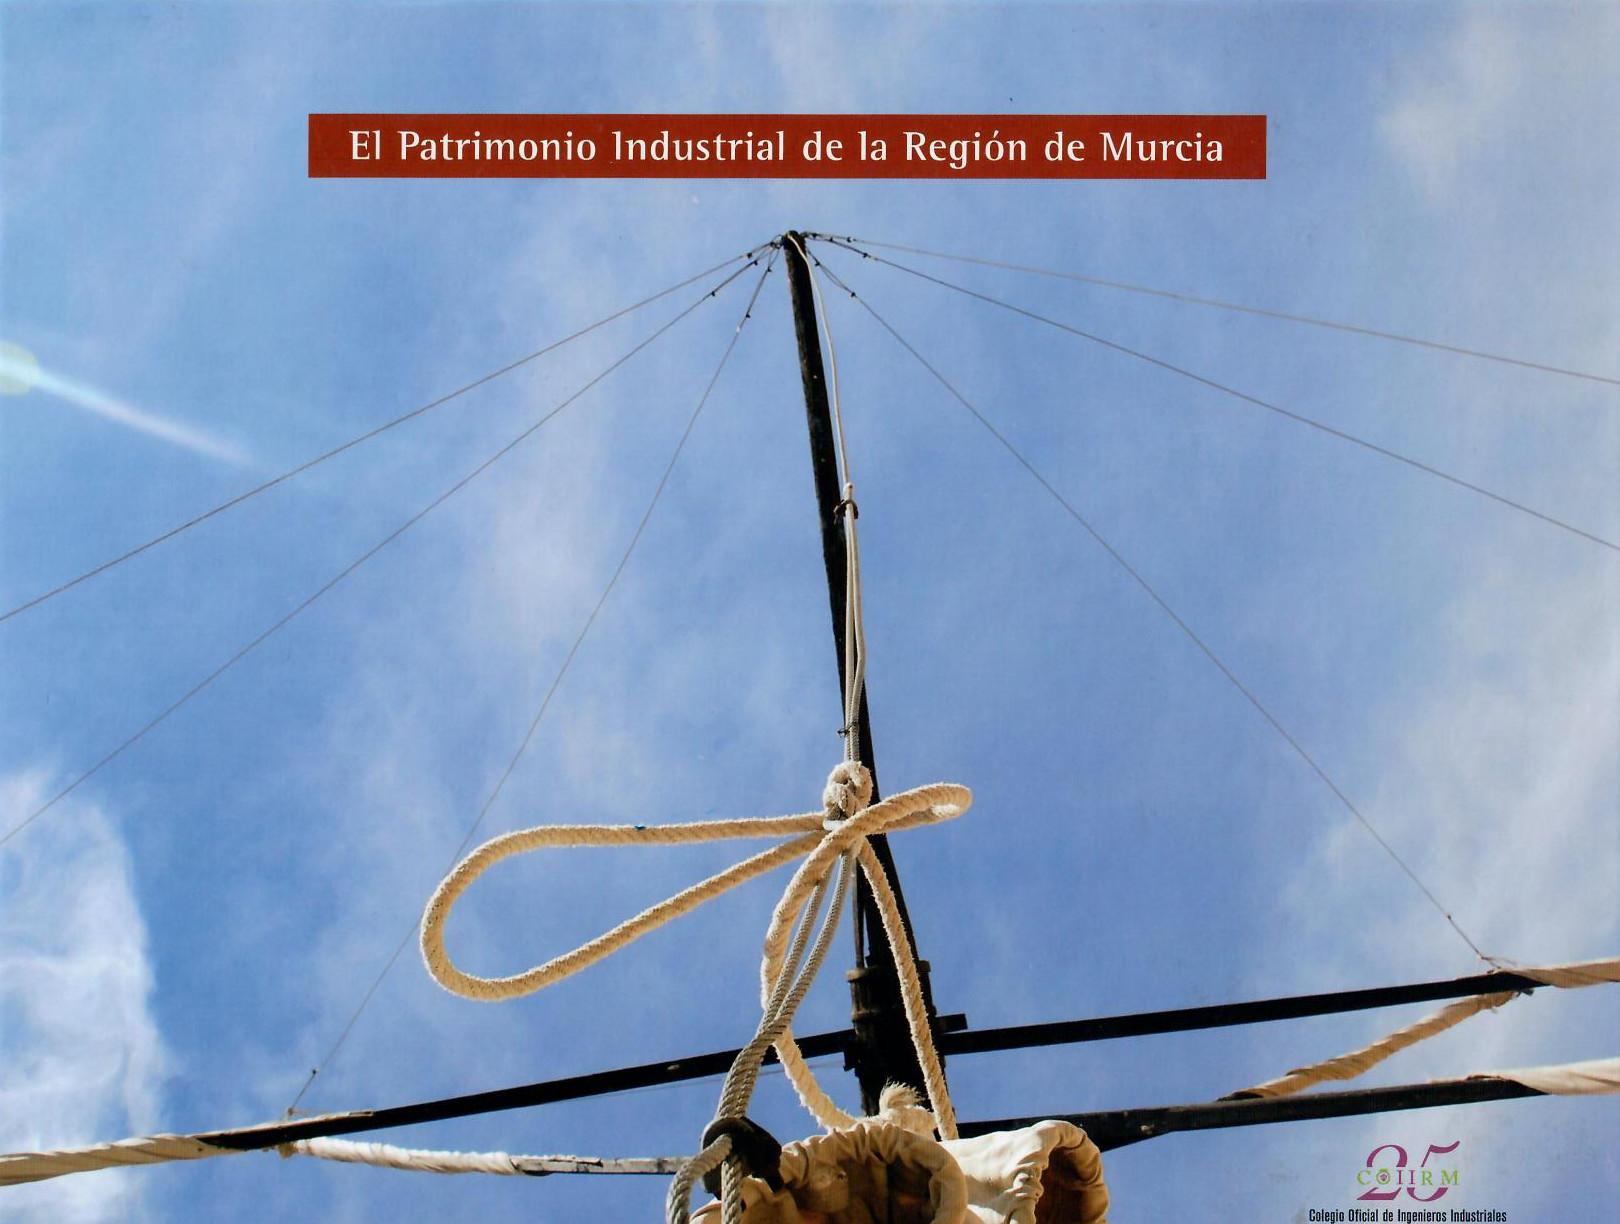 El Patrimonio Industrial de la Región de Murcia